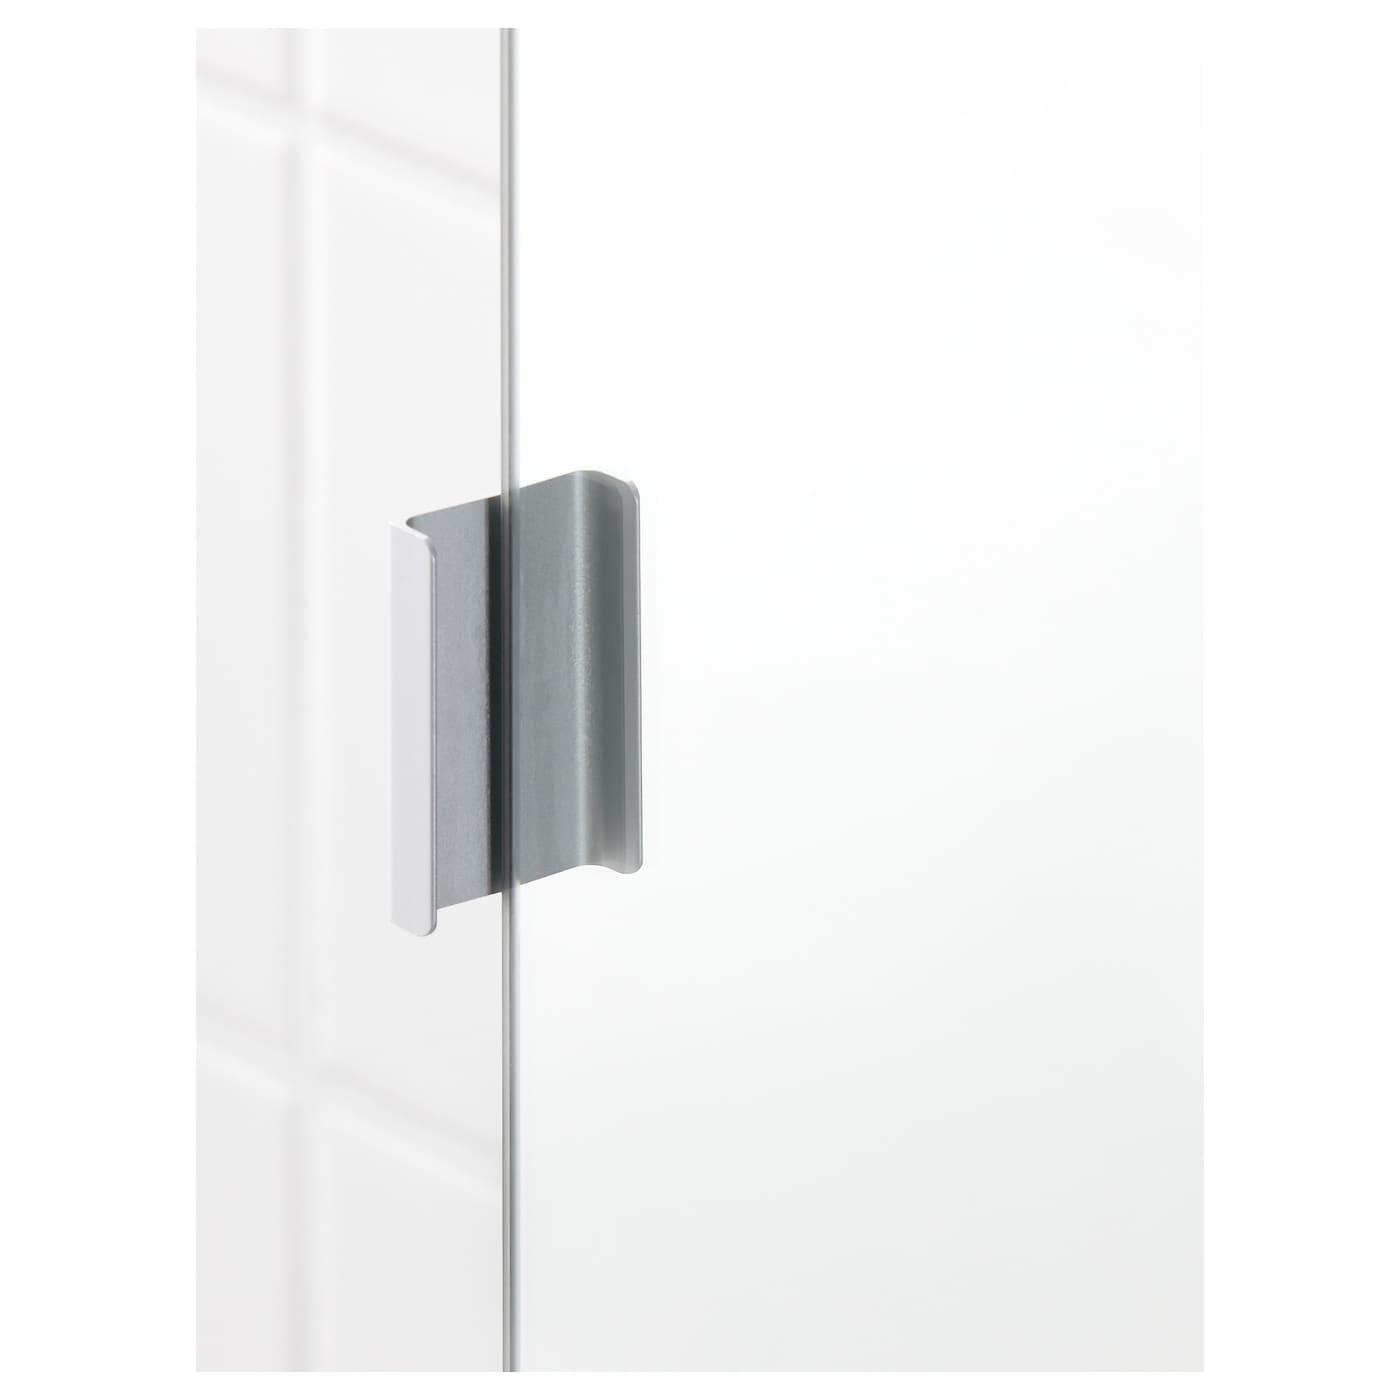 lill ngen armoire avec porte miroir blanc 30x21x179 cm ikea. Black Bedroom Furniture Sets. Home Design Ideas